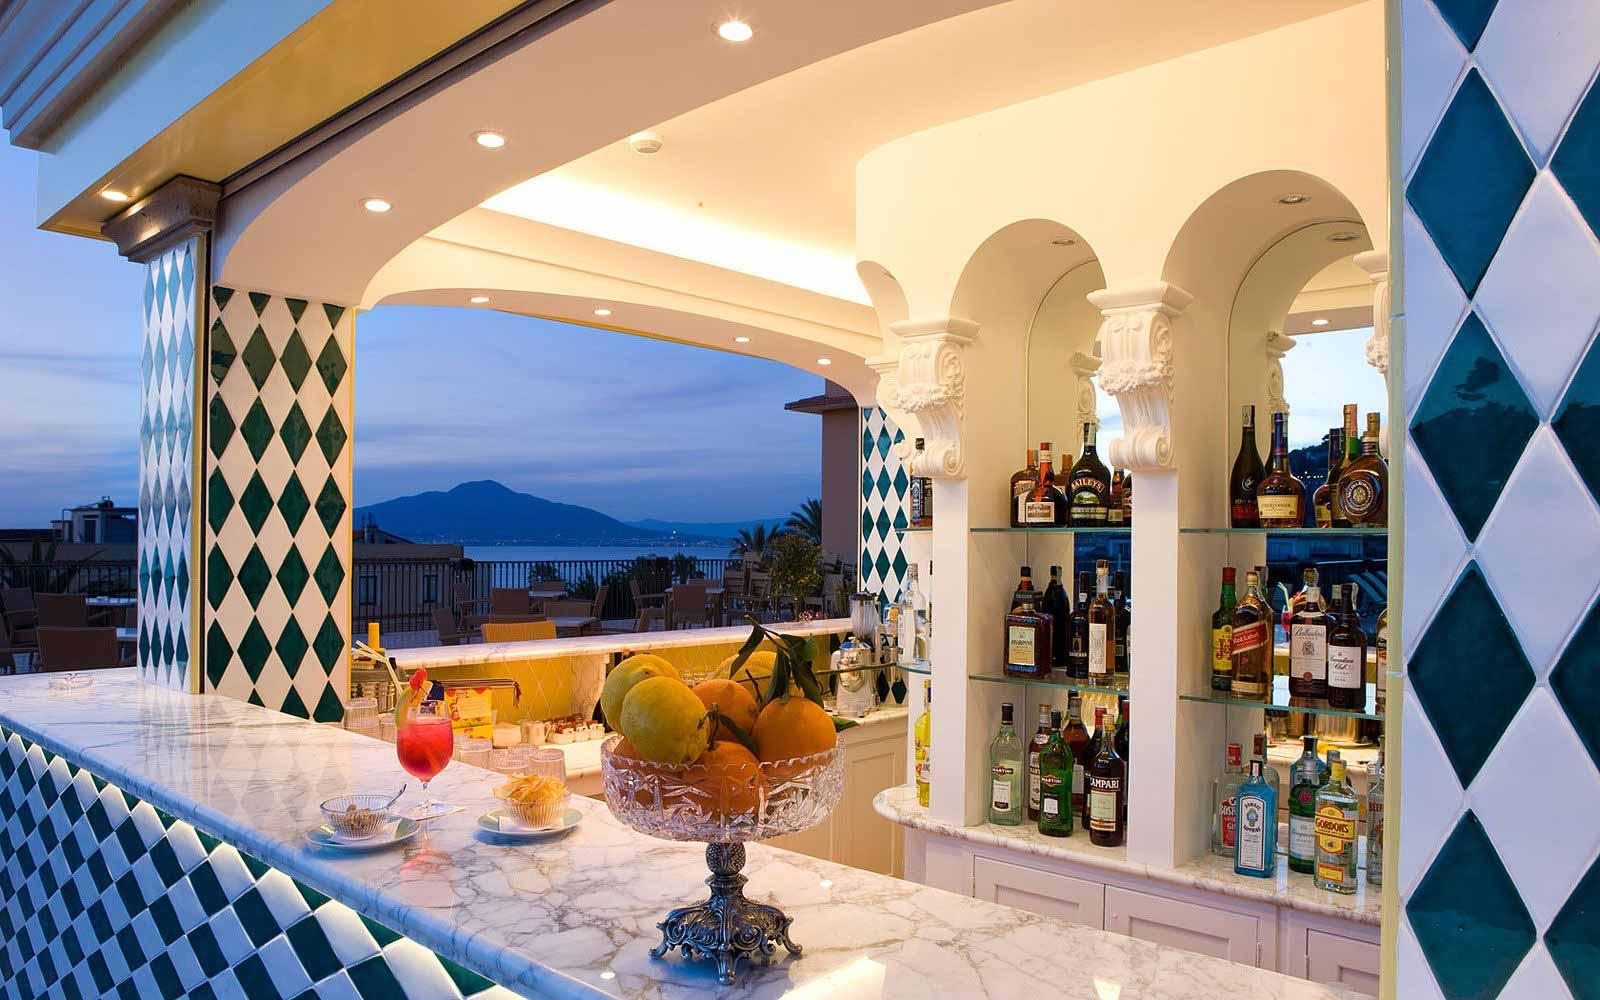 Pool Bar at the Grand Hotel La Favorita